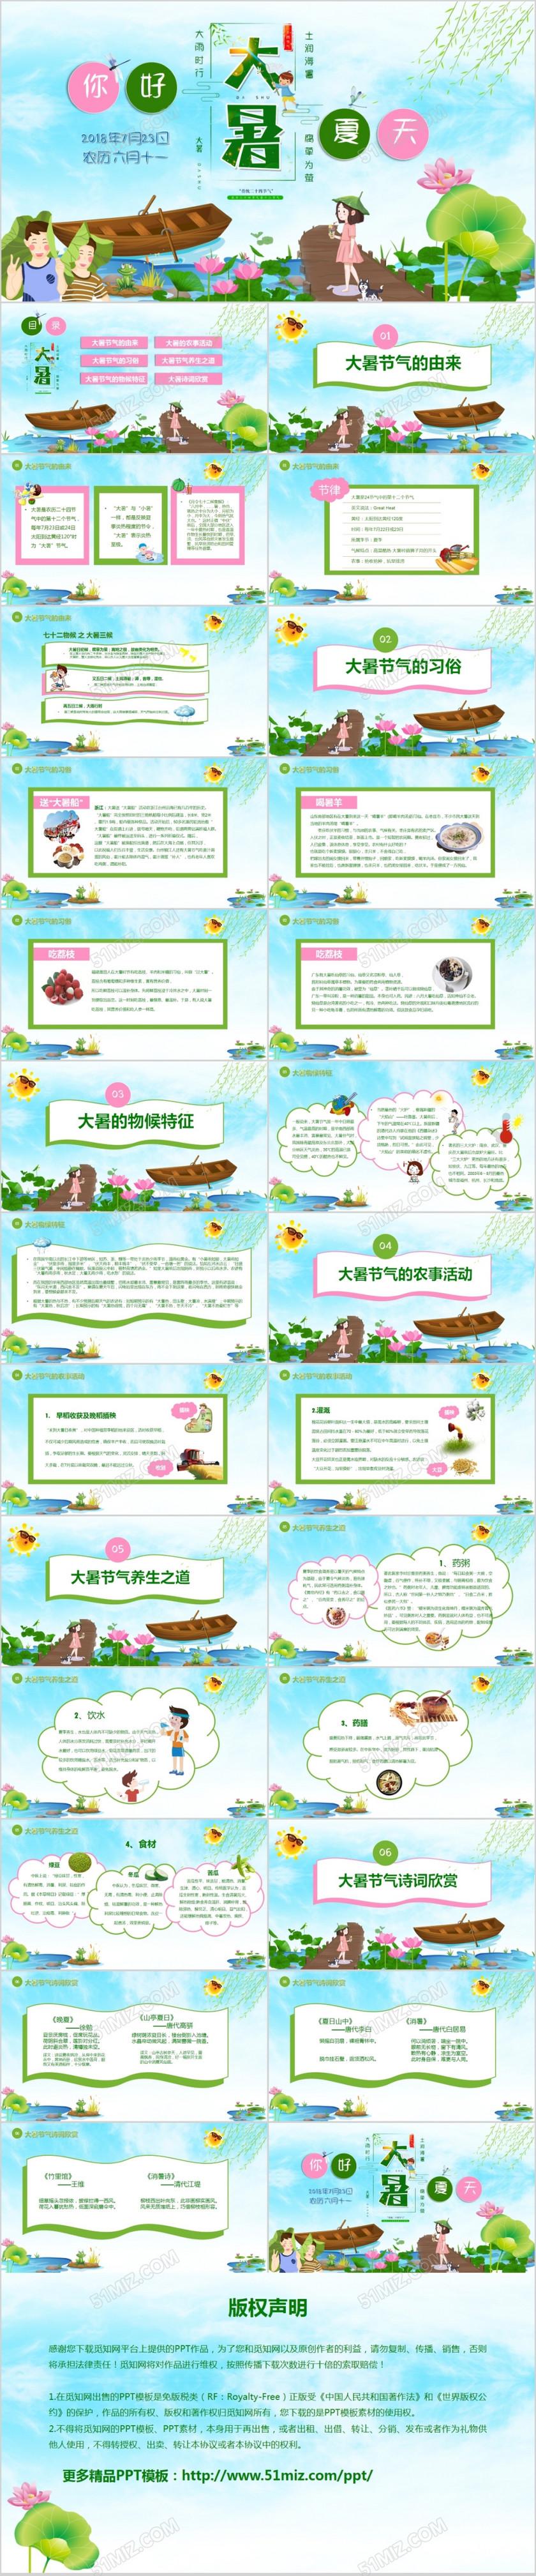 绿色清新中国节日二十四节气之大暑节气知识PPT